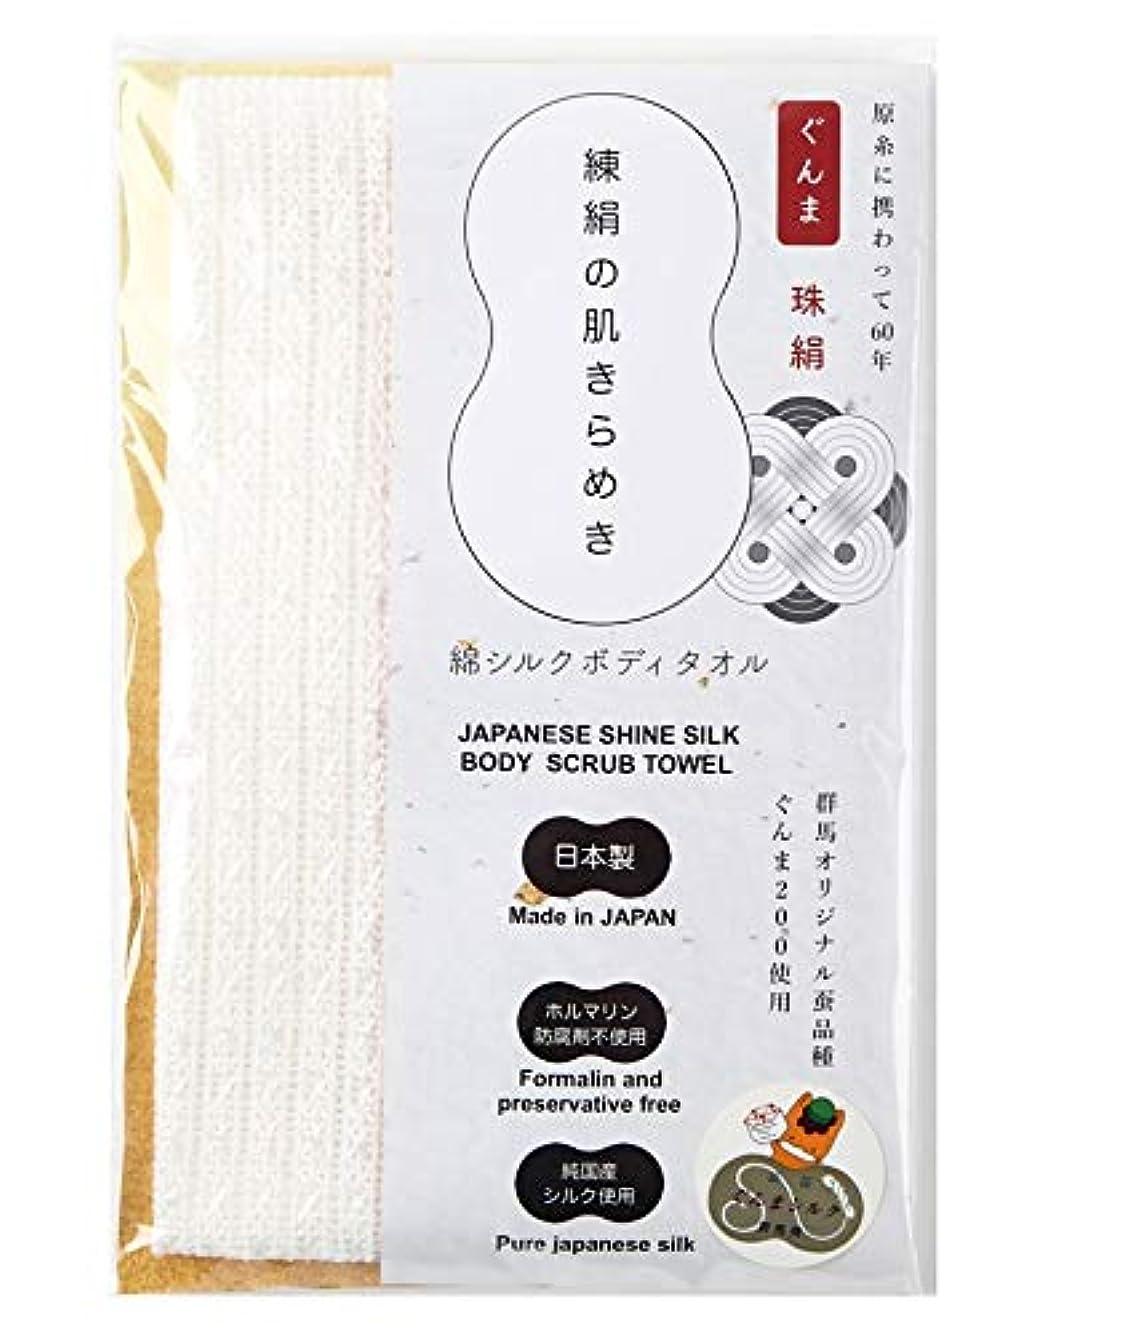 シーサイドうがい薬下線くーる&ほっと 珠絹(たまぎぬ) 練絹の肌きらめき 純国産絹(ぐんまシルク)使用 日本製 綿シルクボディタオル